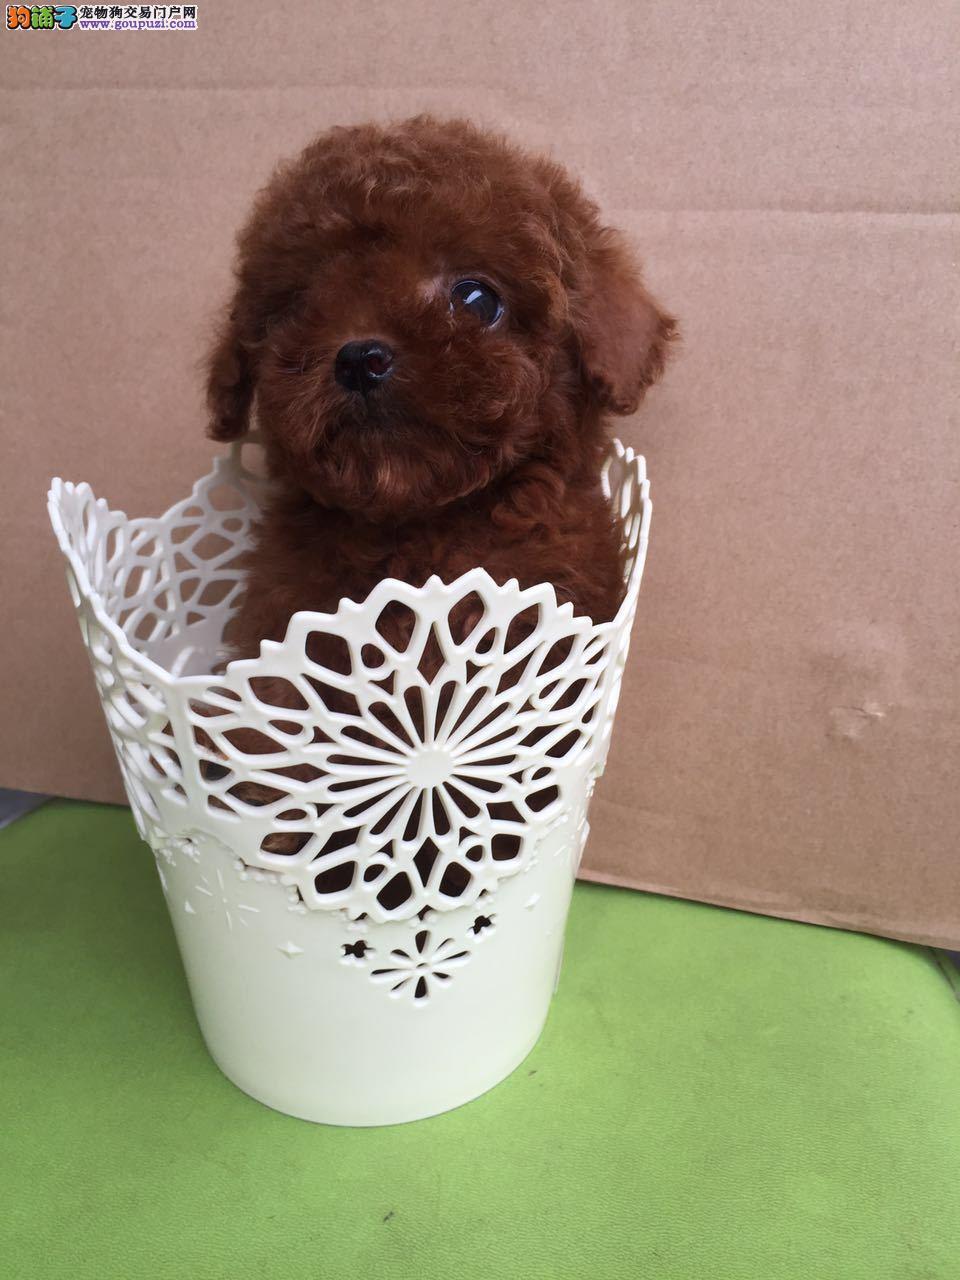 出售茶杯犬专业缔造完美品质签署质保合同